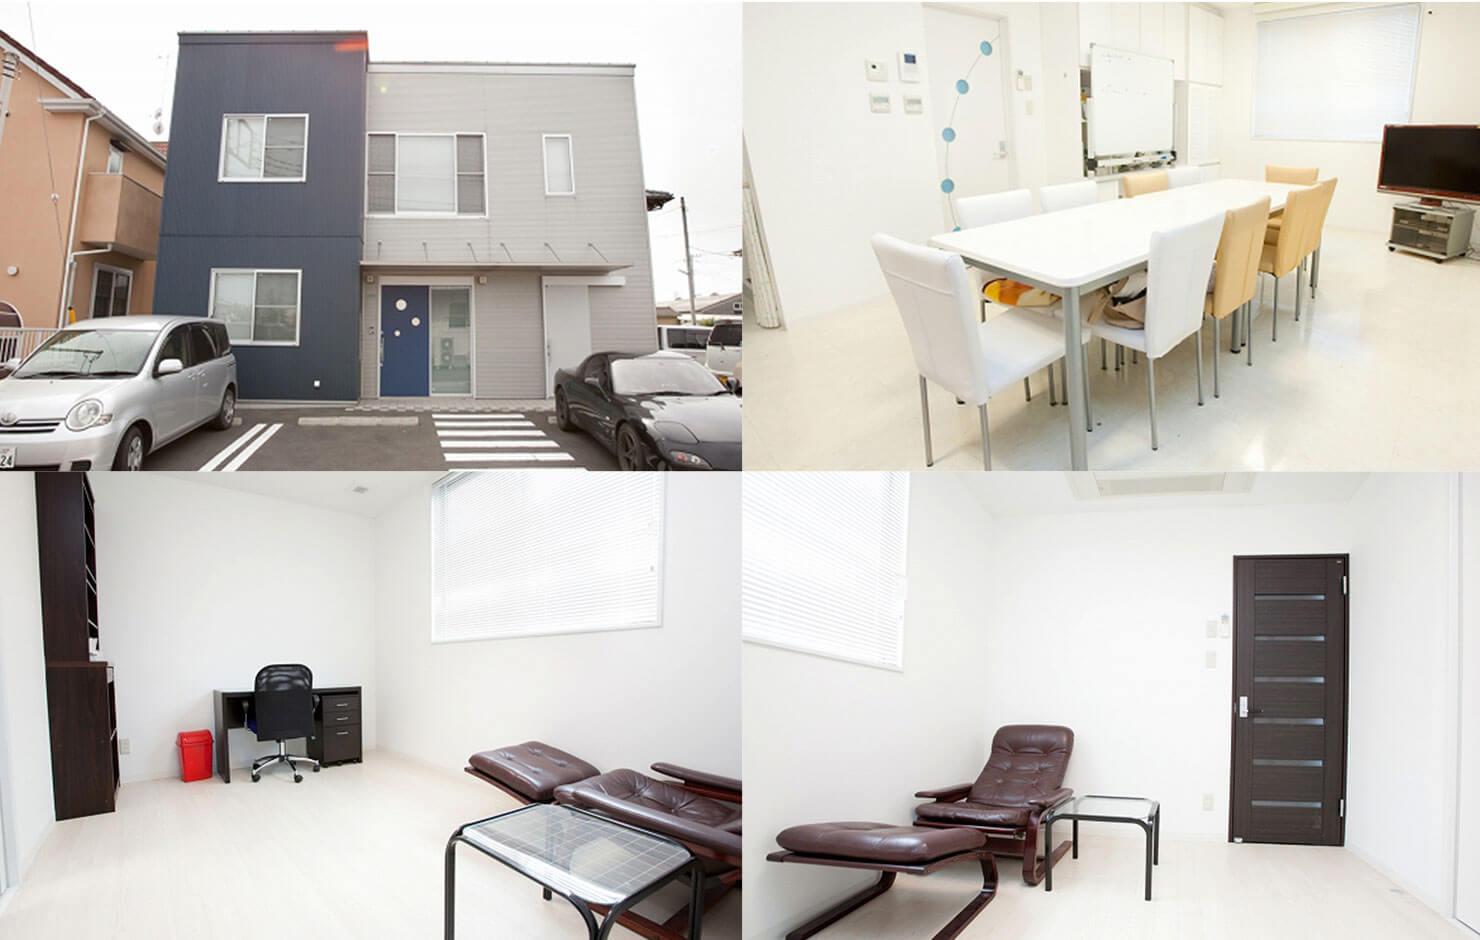 ミーティングルーム・スタッフルーム / ドクター用の個室(別棟)